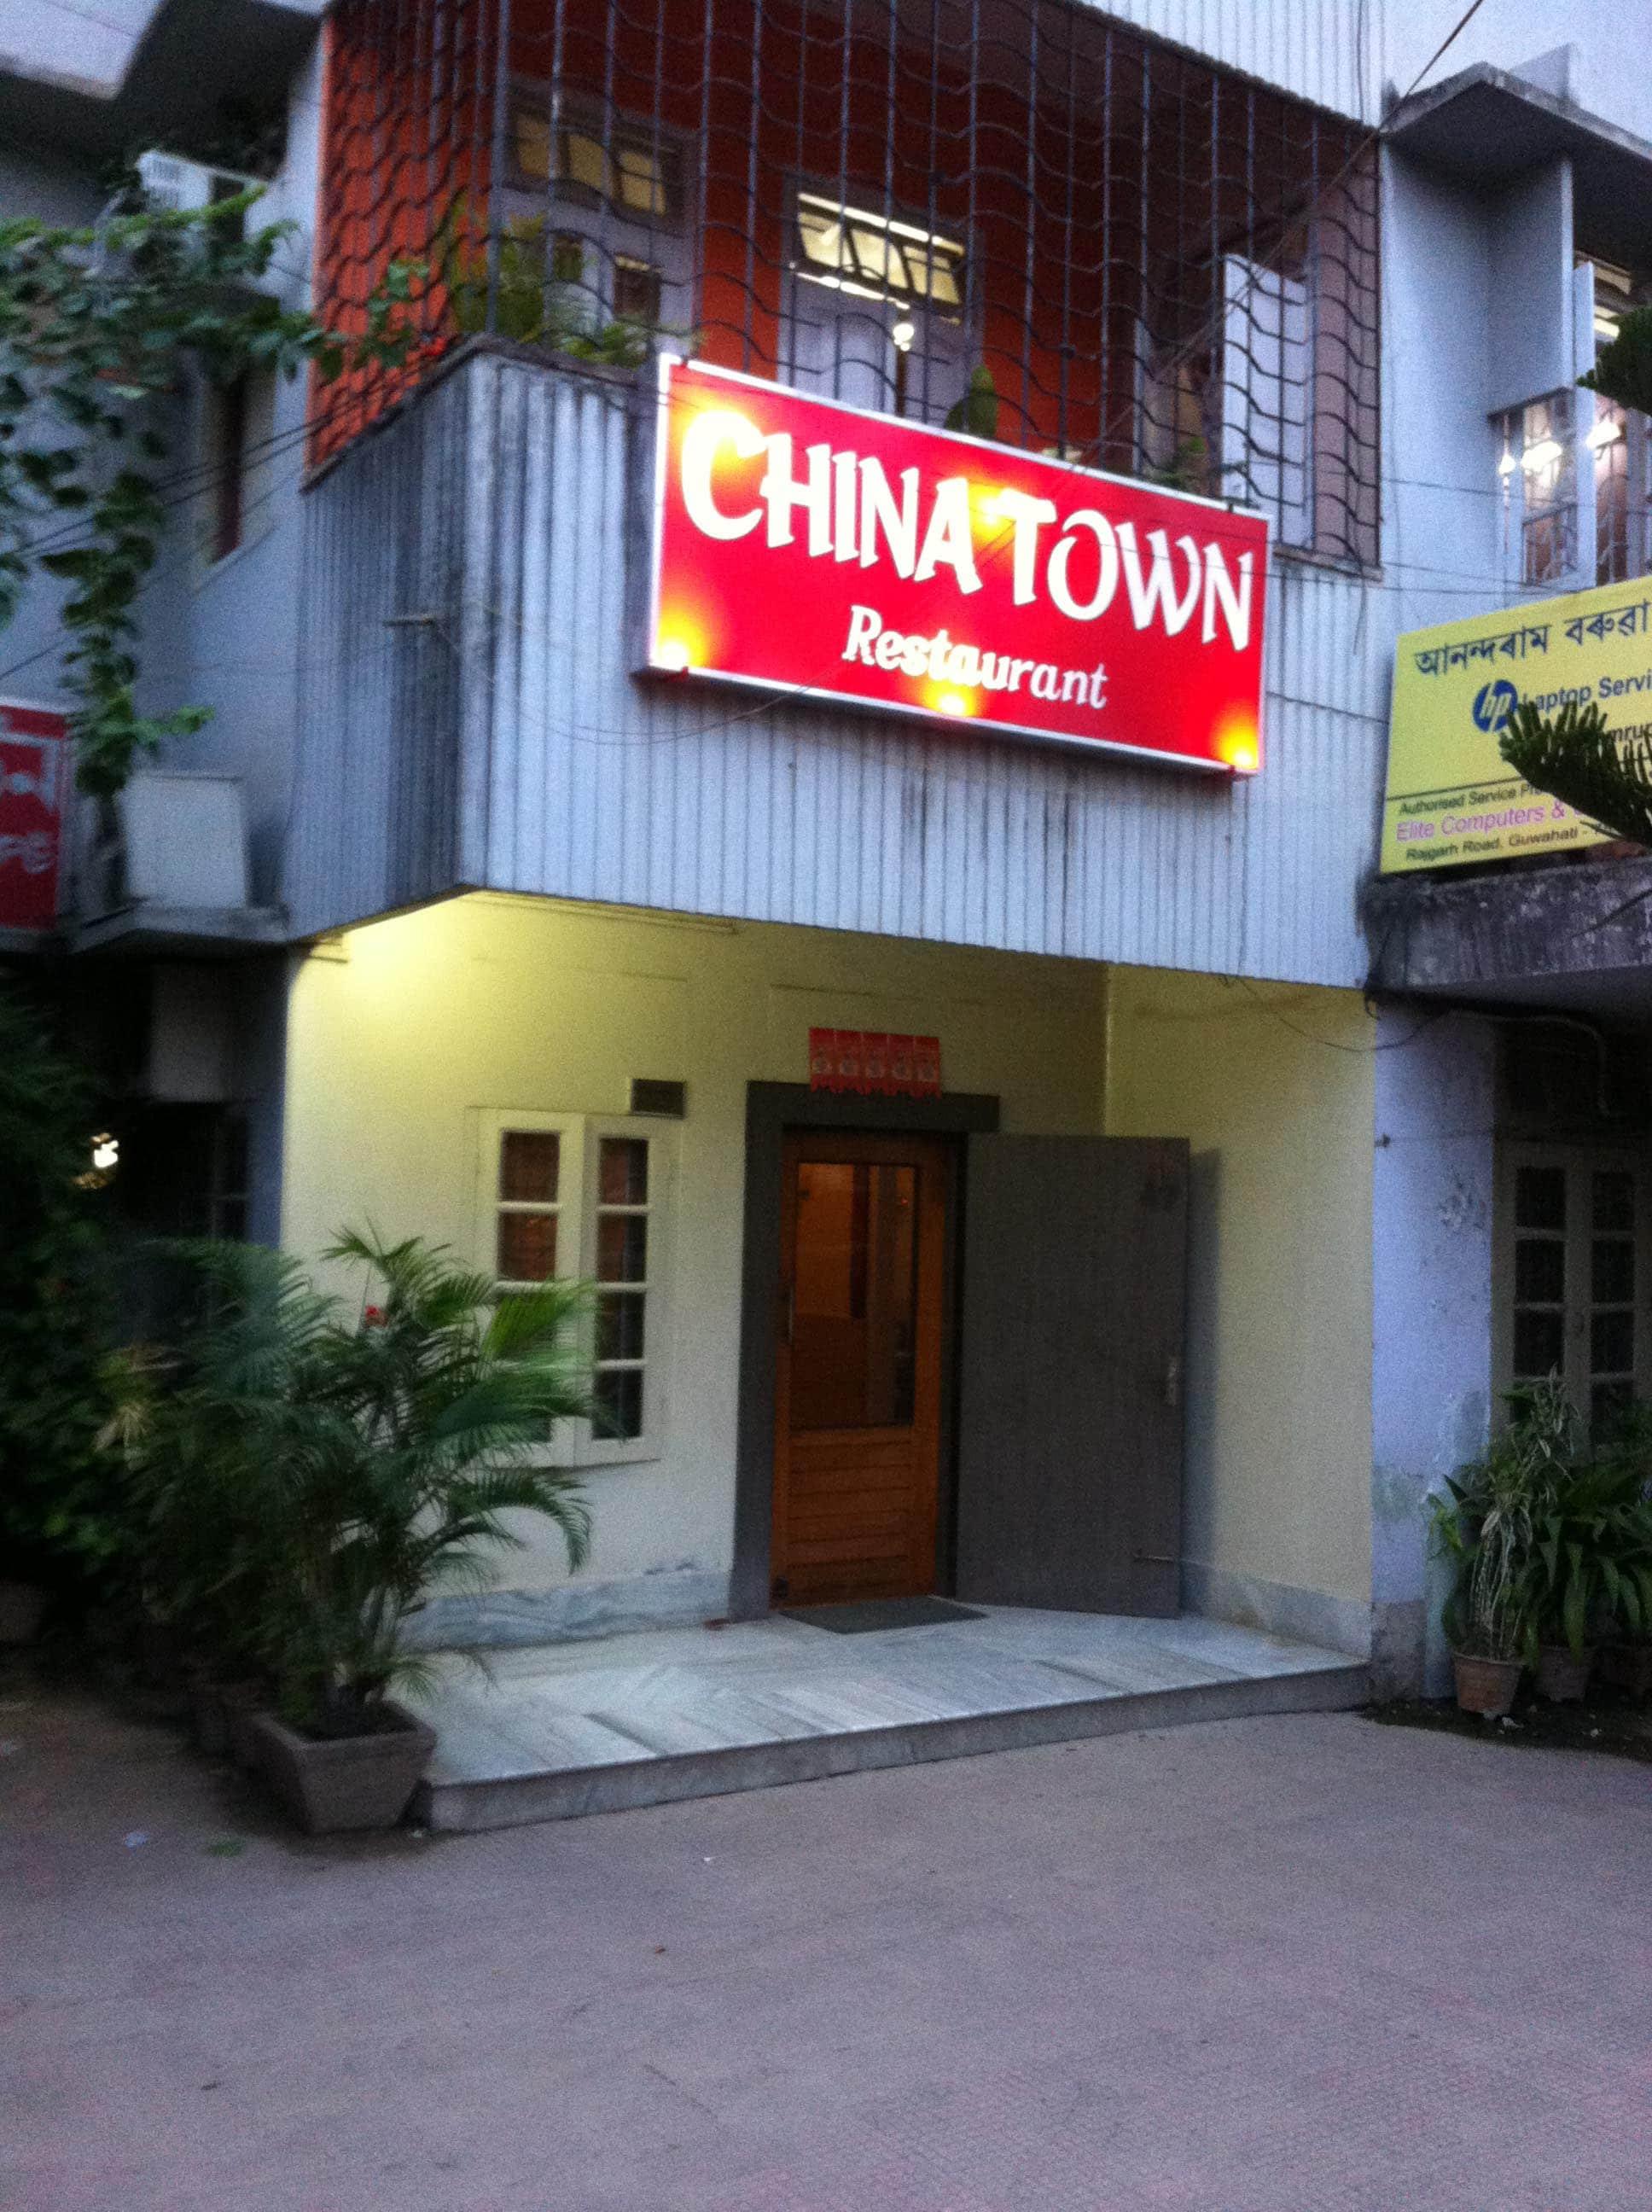 China Town - Bhangagarh - Guwahati Image